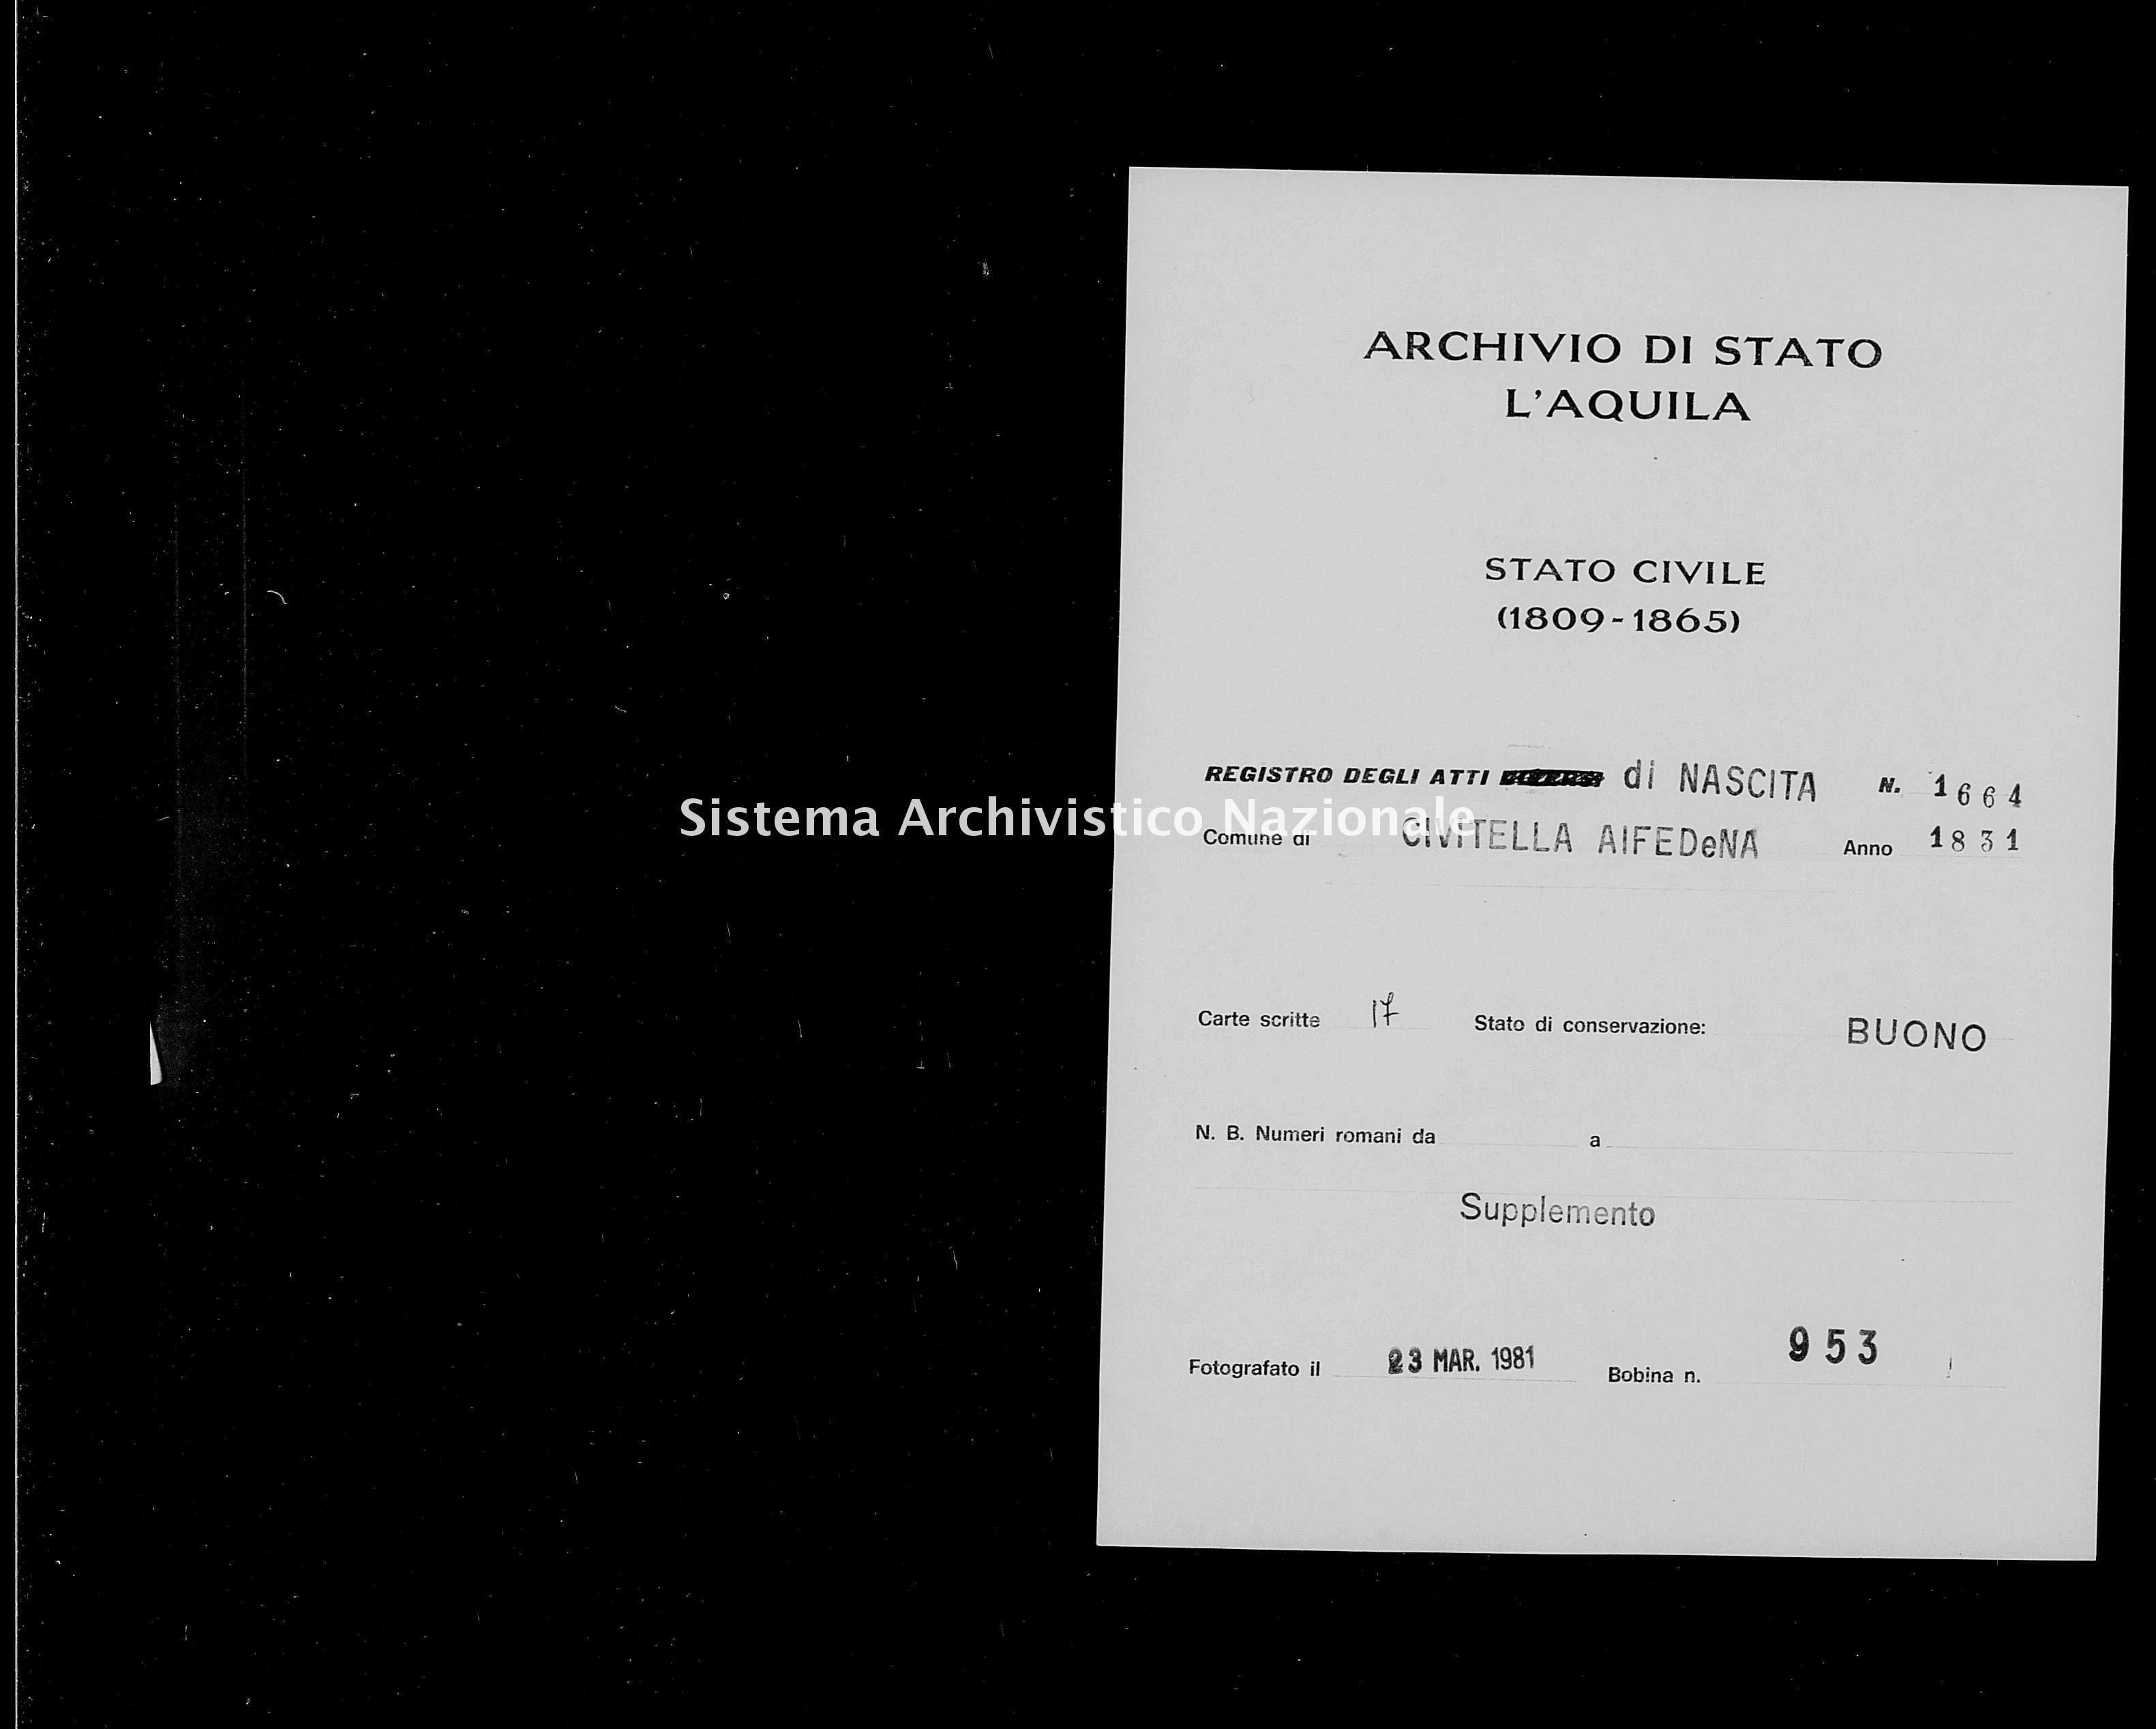 Archivio di stato di L'aquila - Stato civile della restaurazione - Civitella Alfedena - Nati, battesimi - 1831 - 1664 -